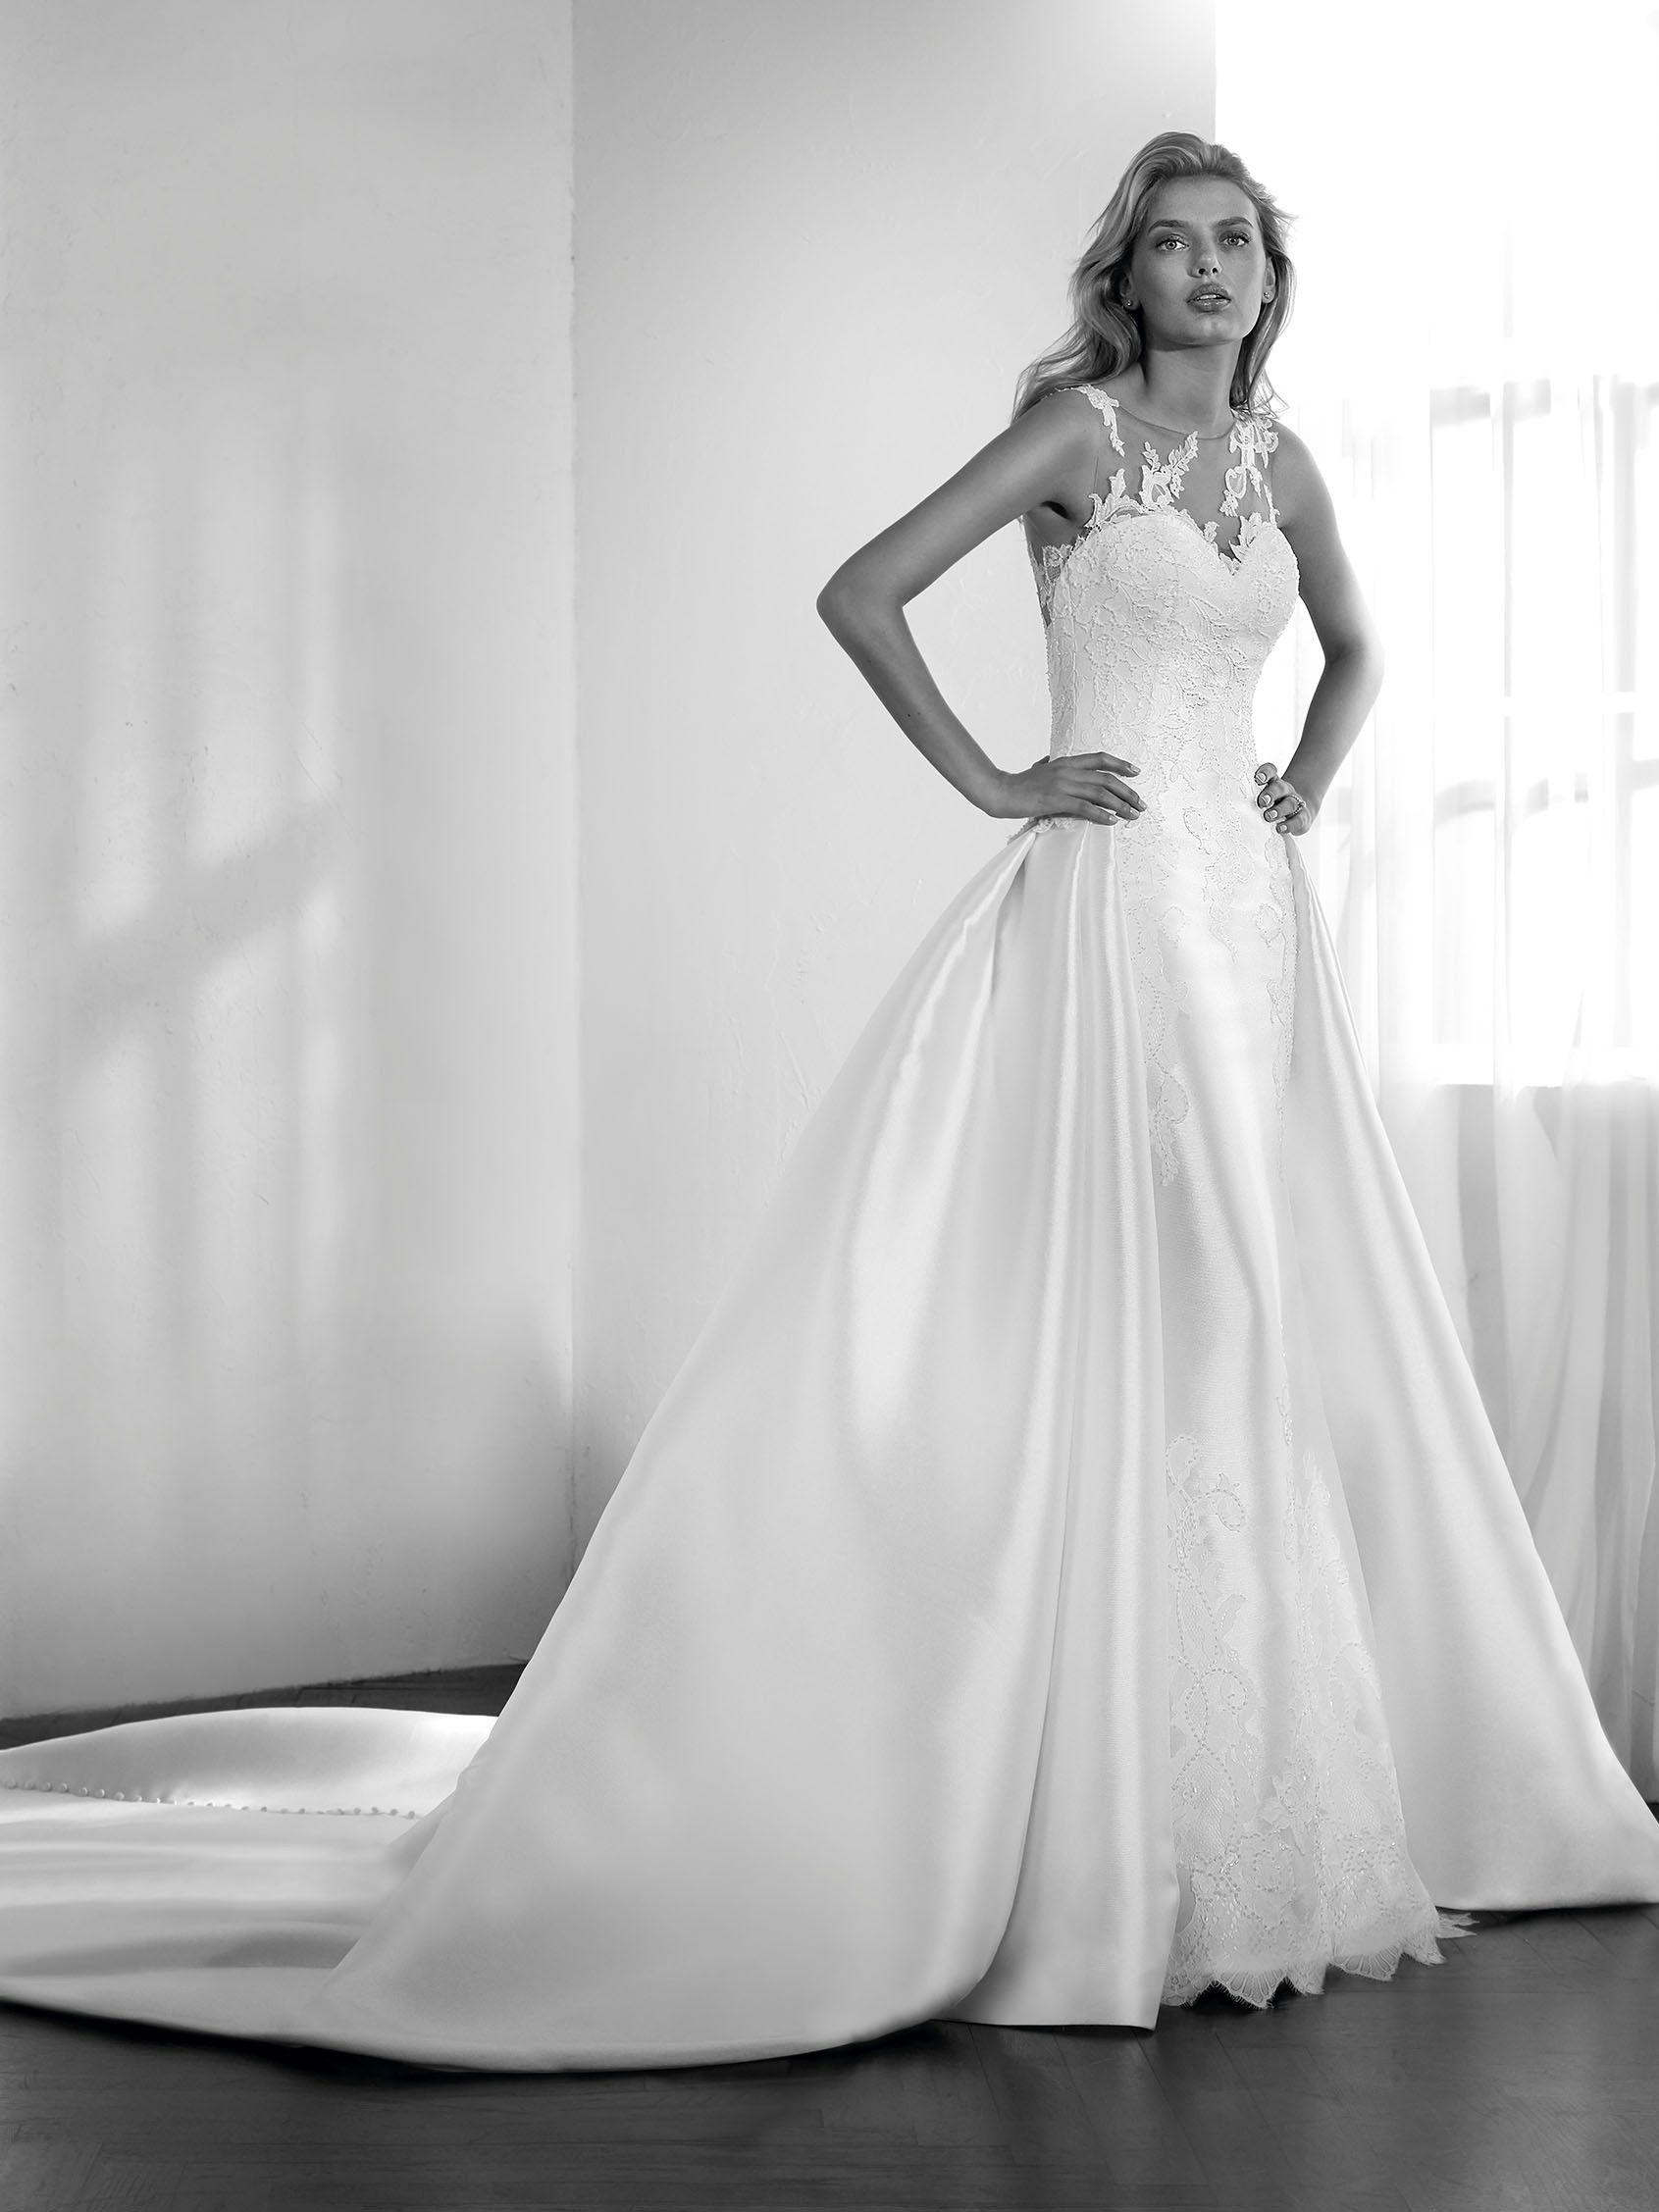 Ziemlich Brautkleider Hickory Nc Galerie - Brautkleider Ideen ...